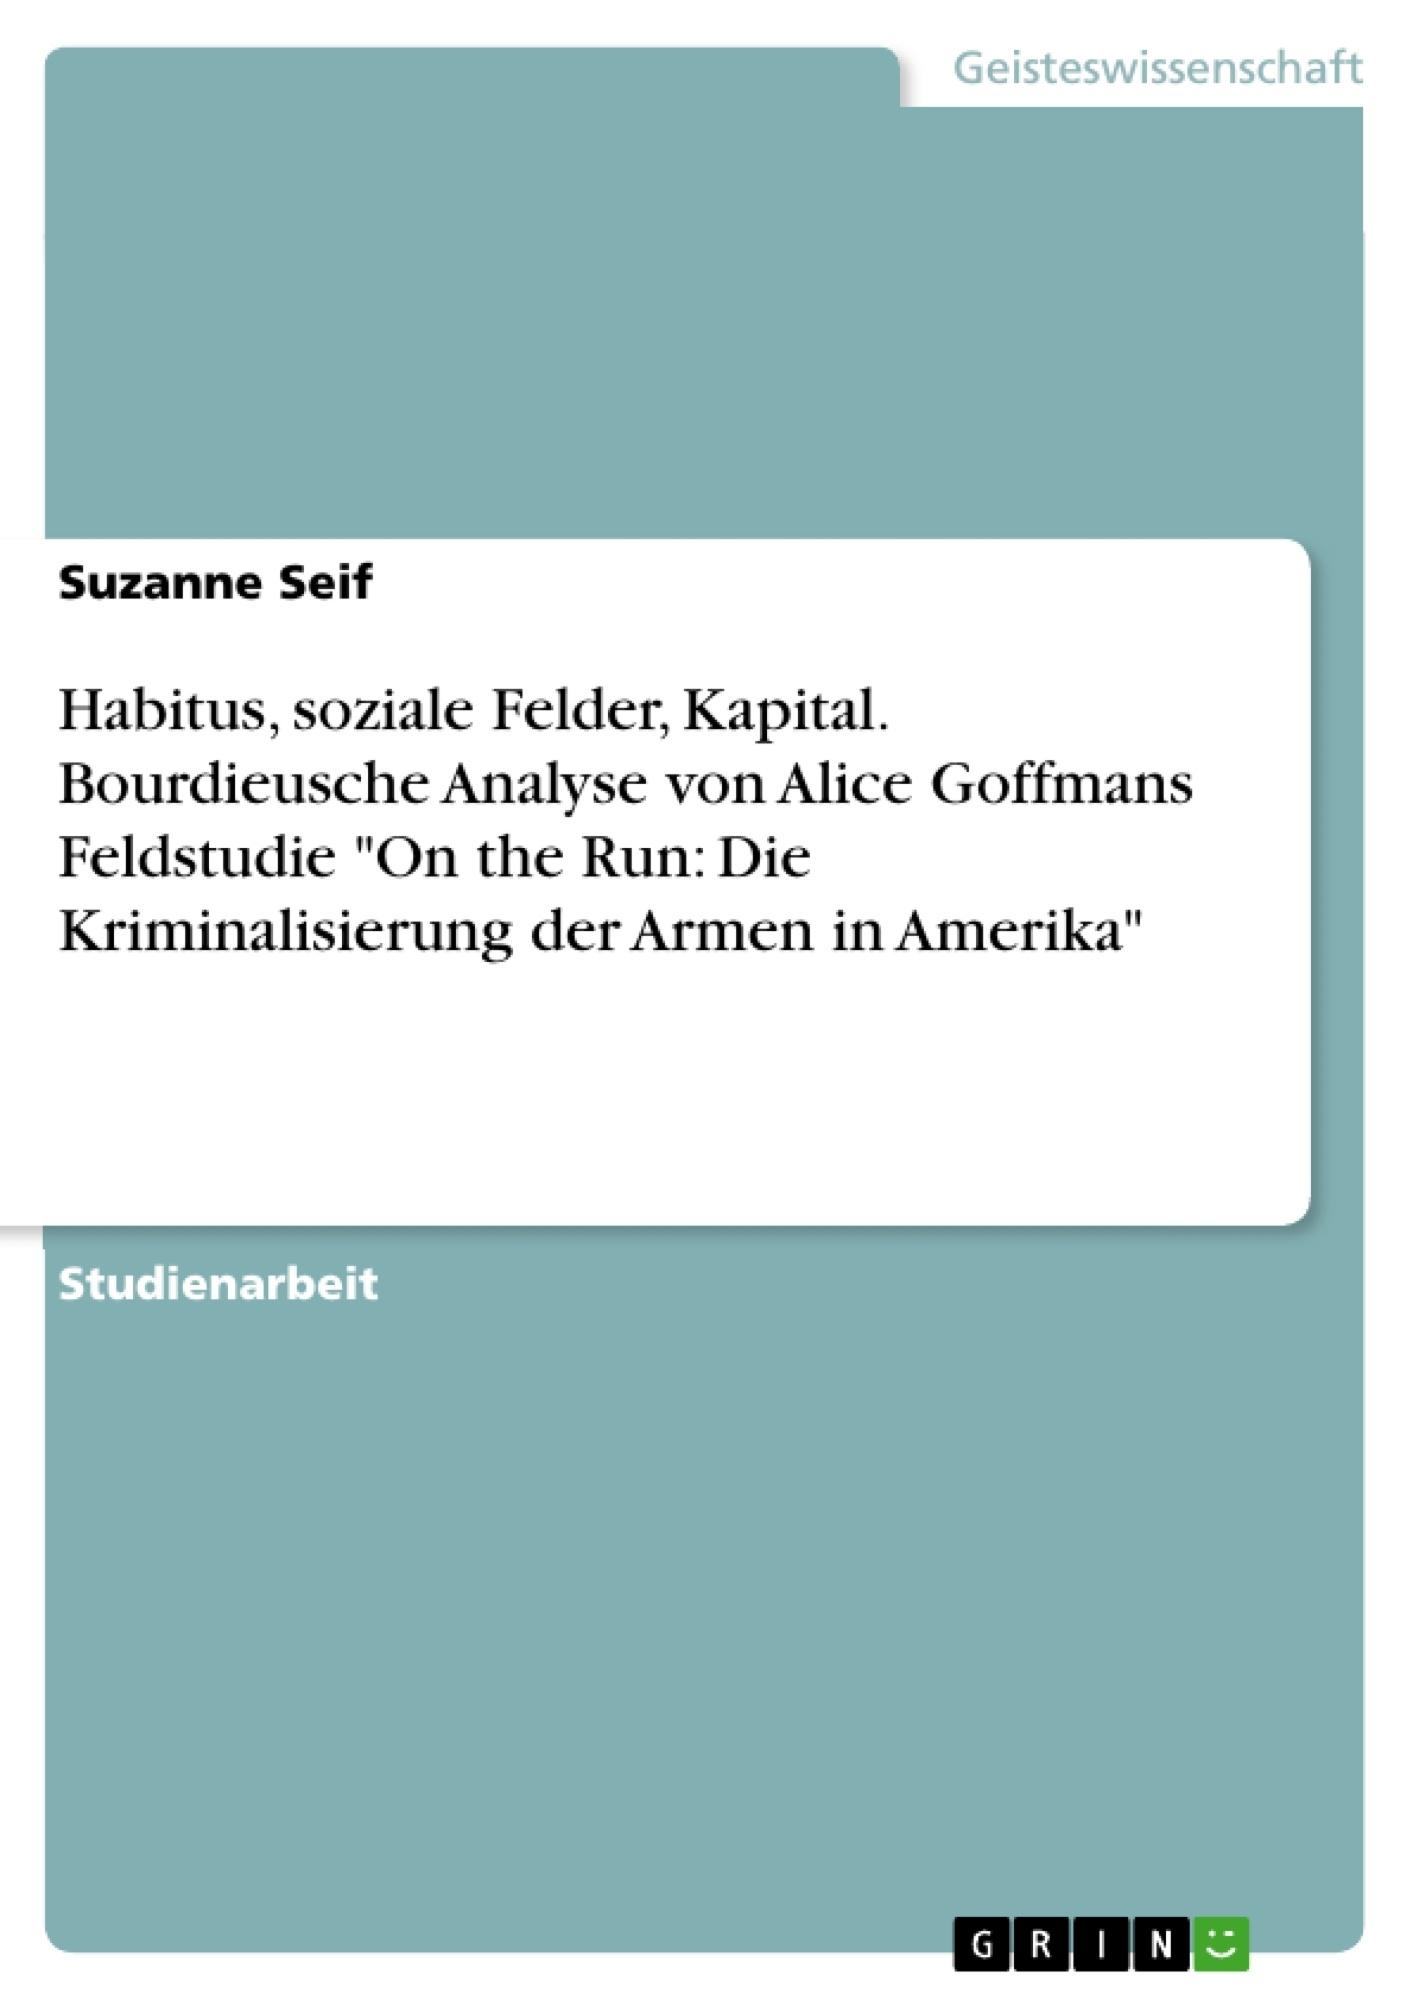 """Titel: Habitus, soziale Felder, Kapital. Bourdieusche Analyse von Alice Goffmans Feldstudie """"On the Run: Die Kriminalisierung der Armen in Amerika"""""""